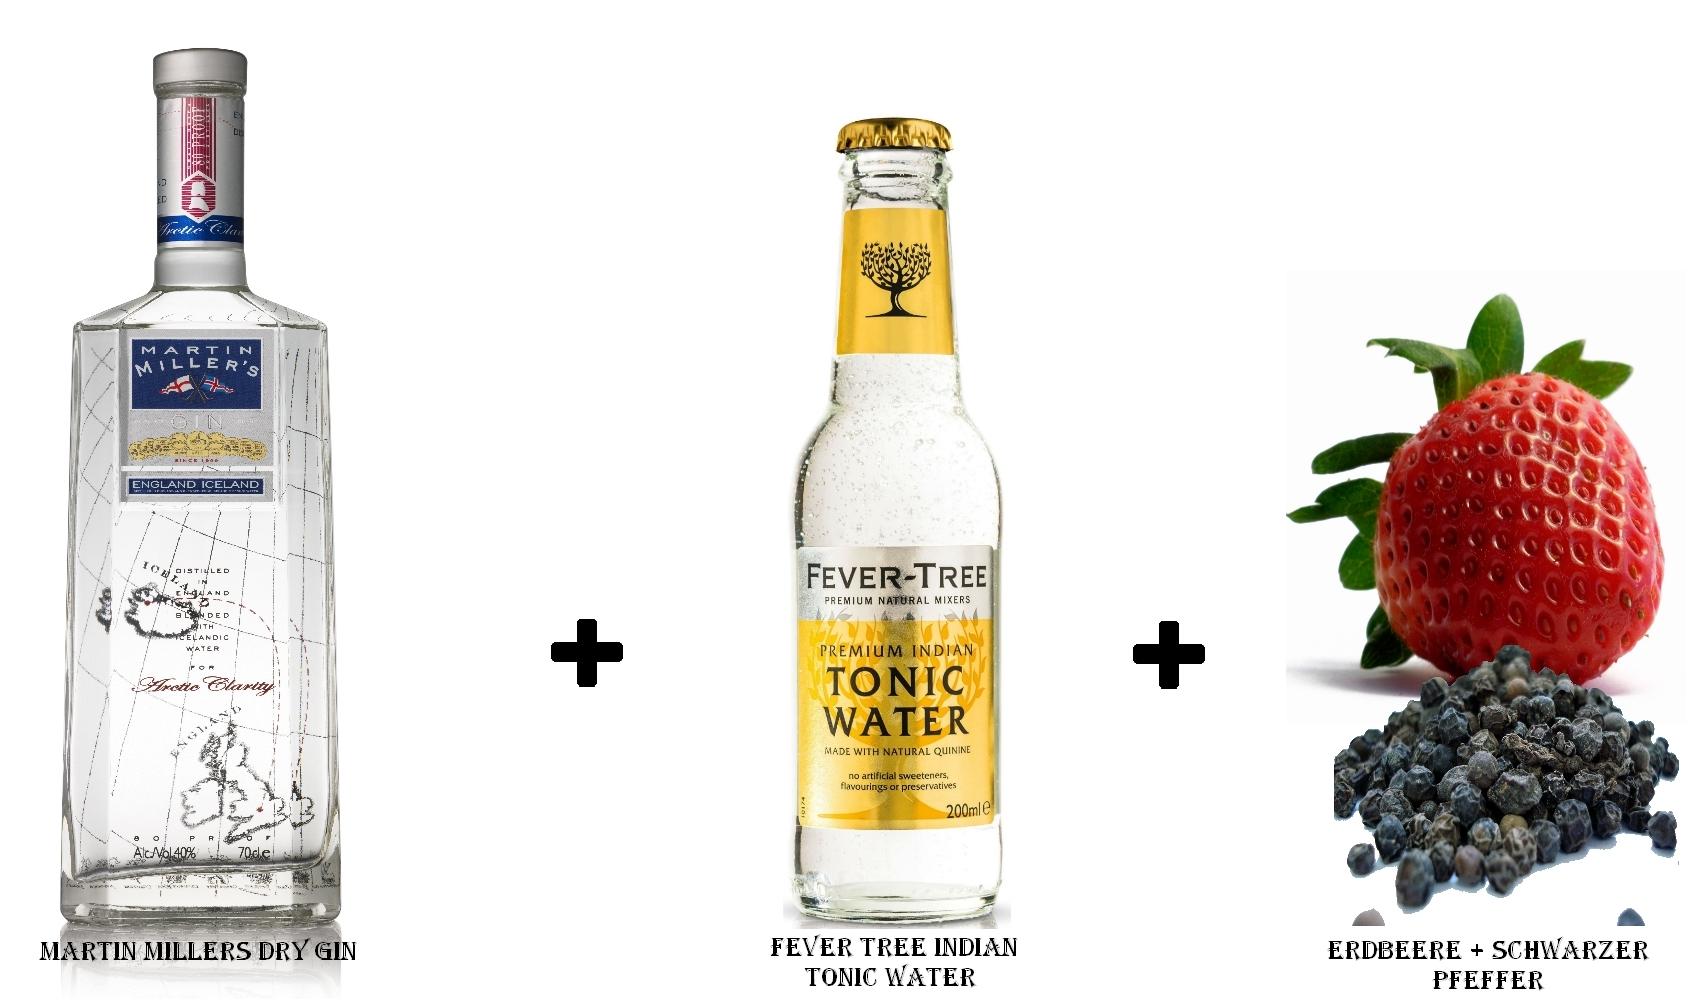 Martin Miller´s Dry Gin + Fever Tree Indian Tonic Water + Erdbeere & schwarzer Pfeffer